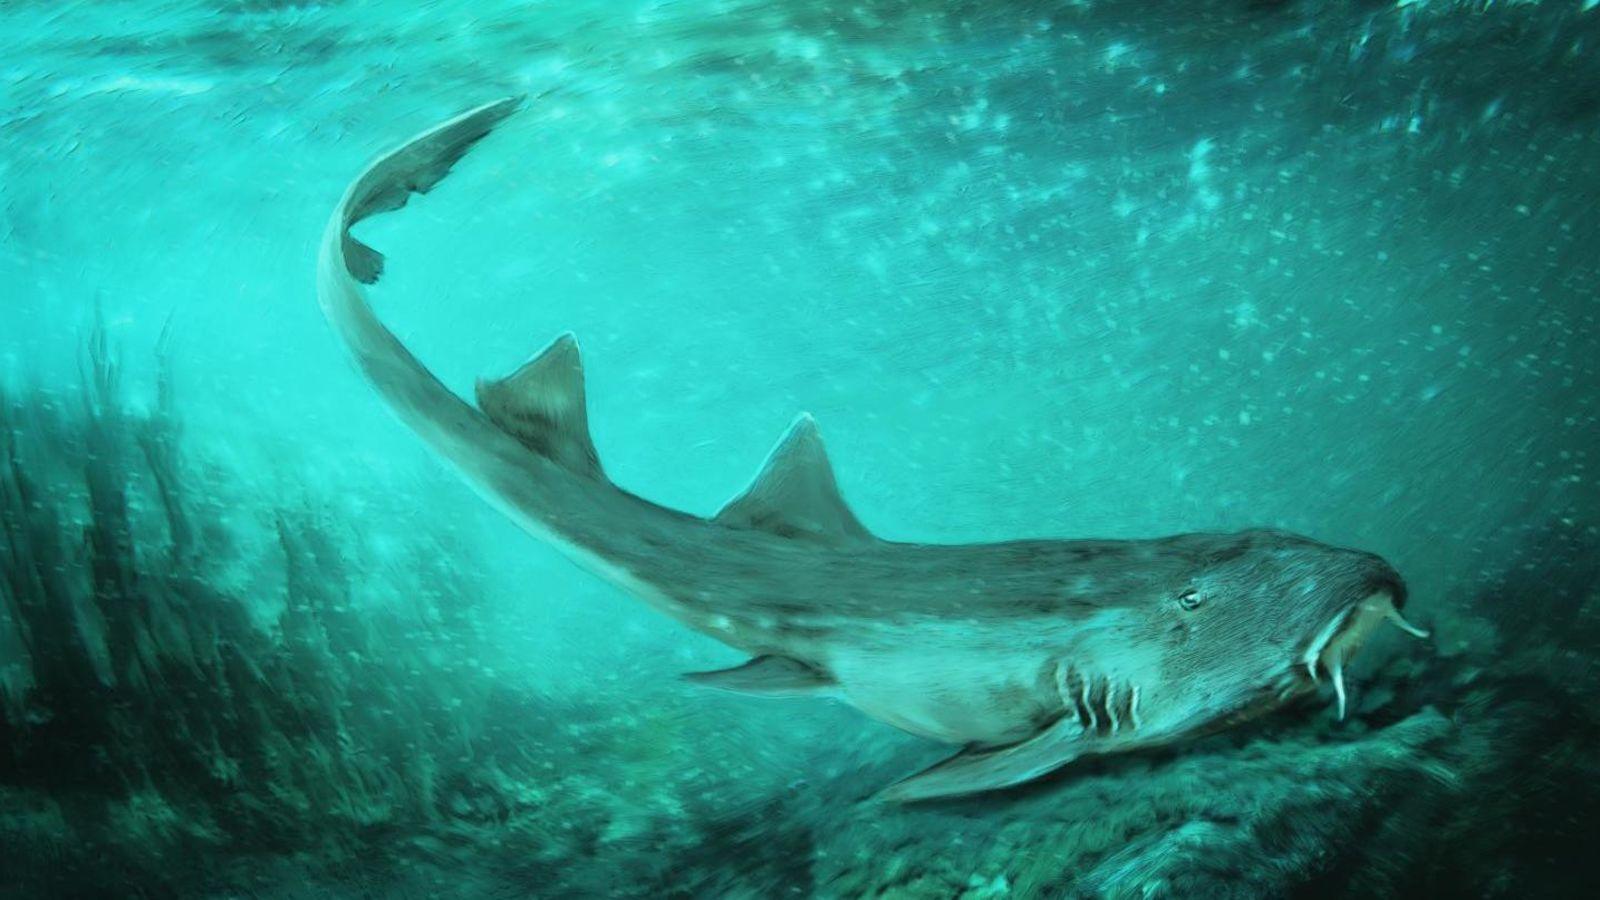 Ancien Requin Avec Des Dents En Forme De Vaisseau Spatial intérieur Requin Jeux Video